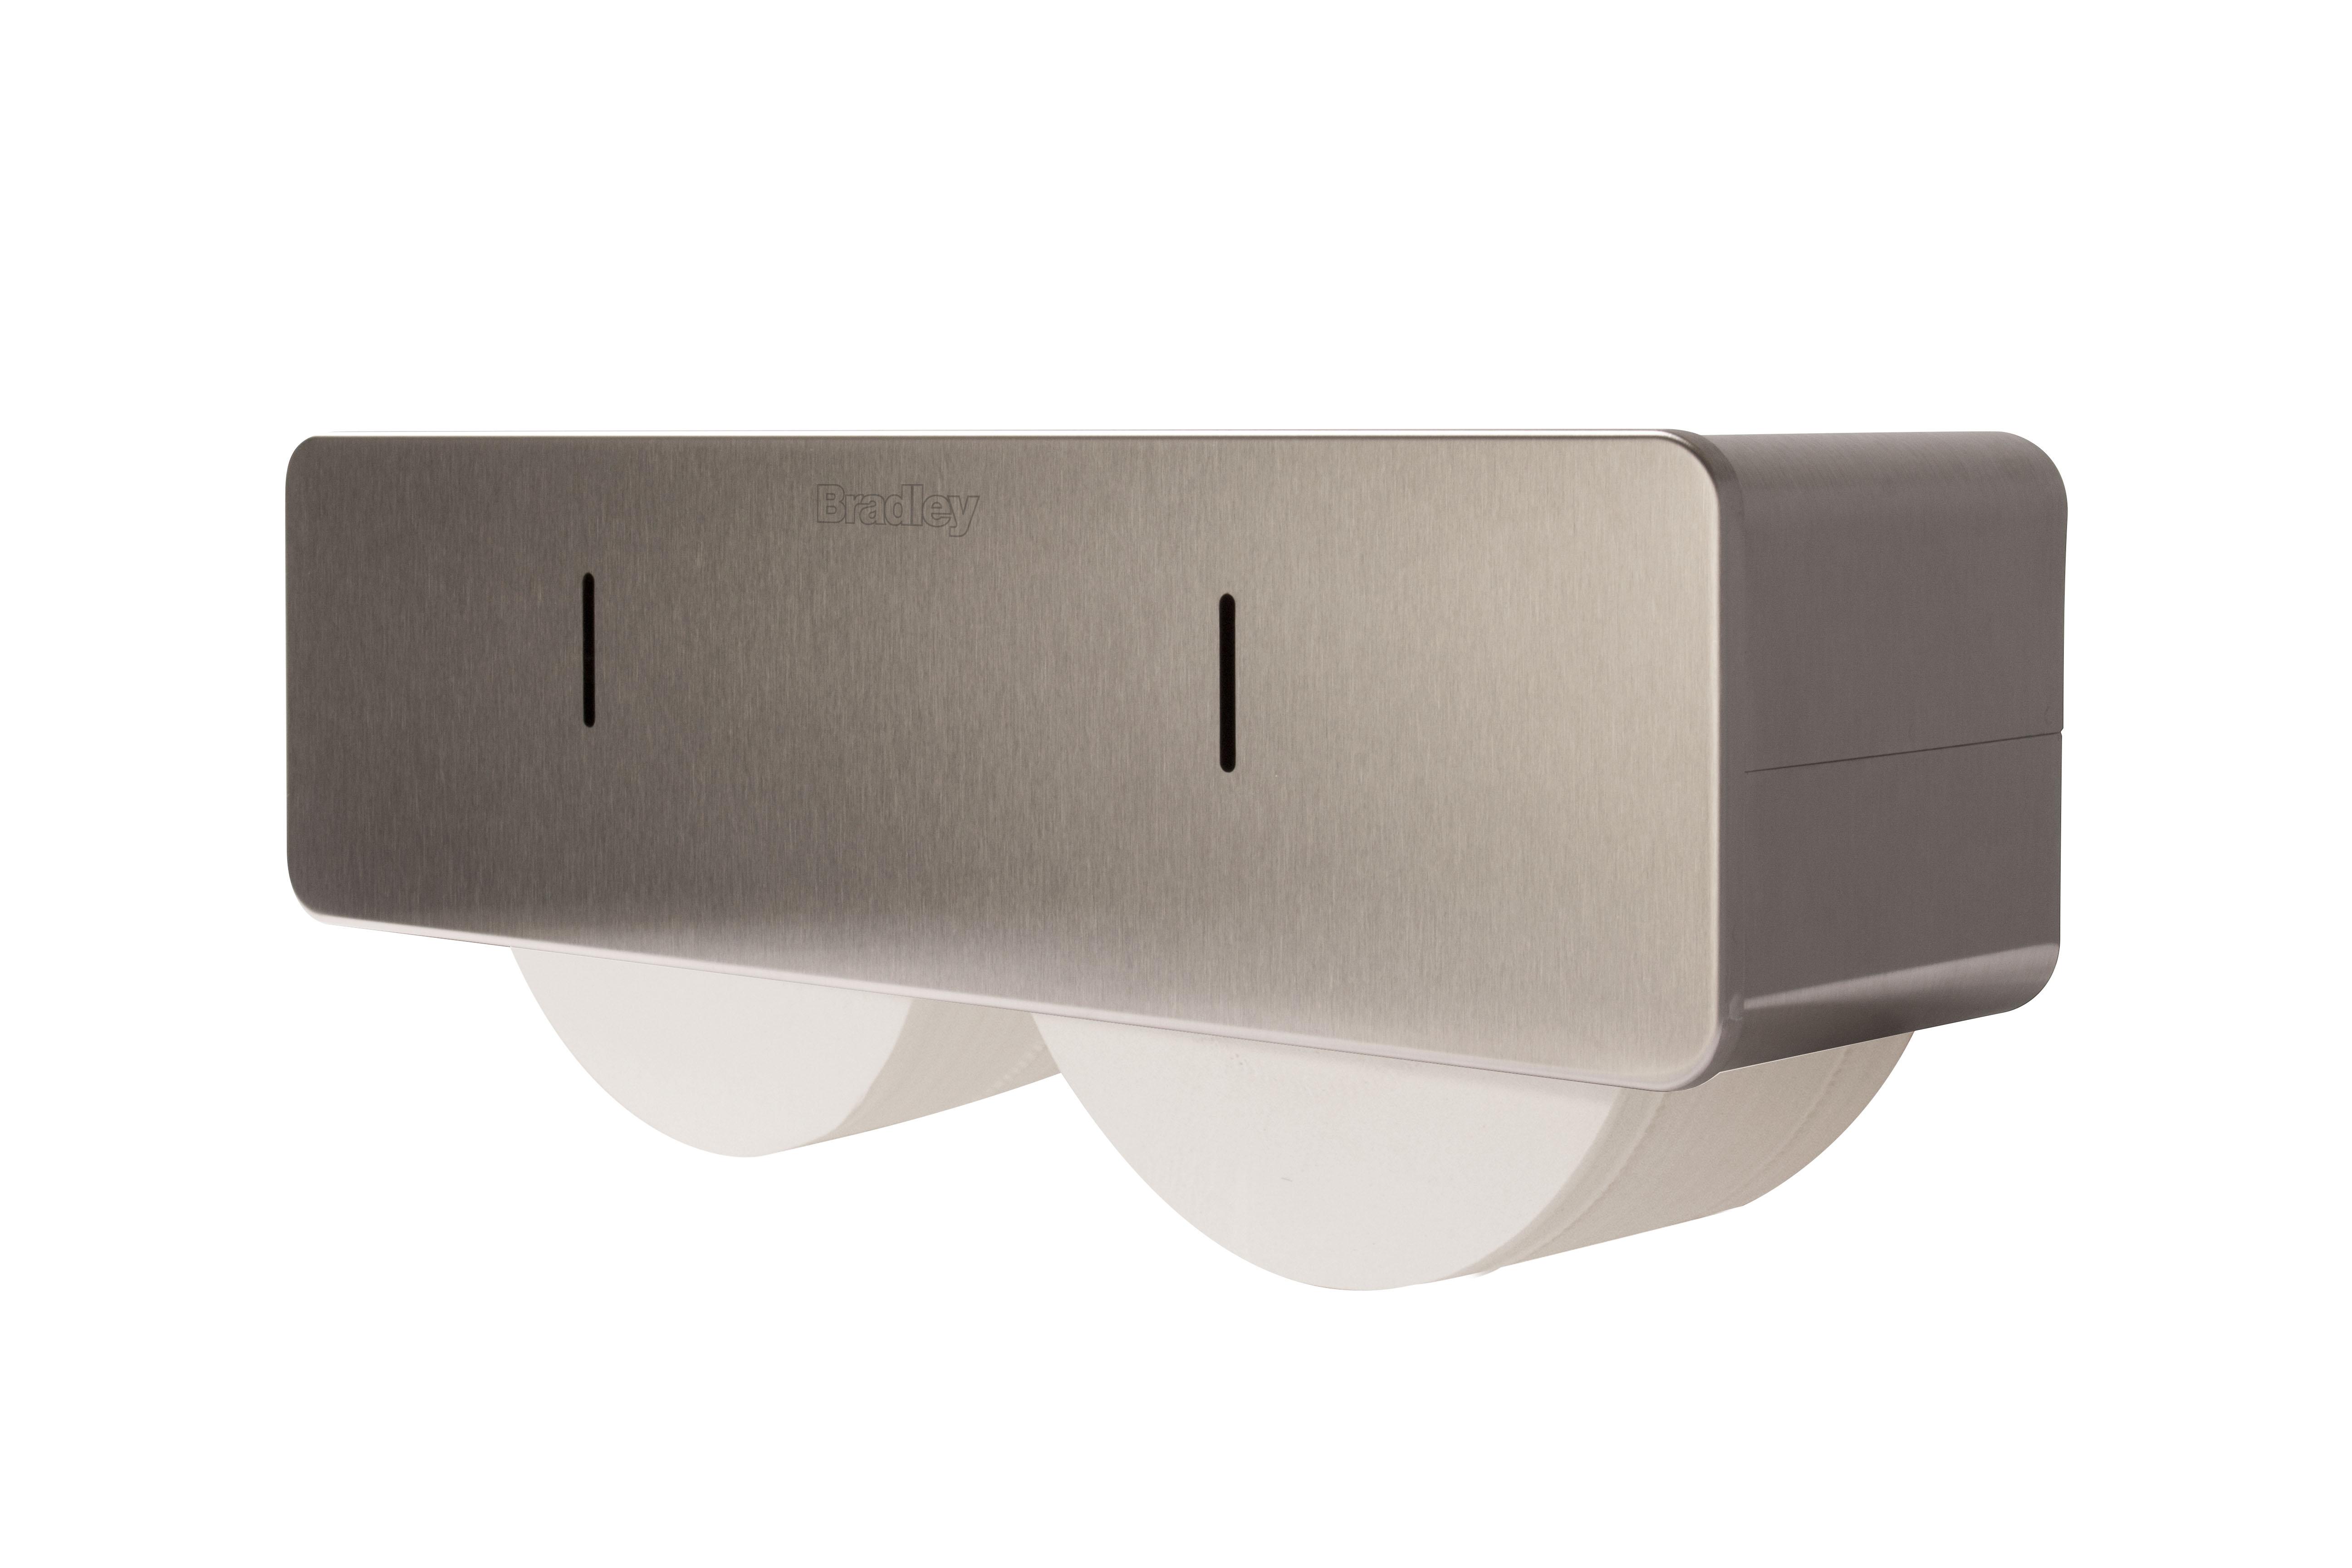 Coreless Jumbo Dual Roll Toilet Tissue Dispenser Bradley